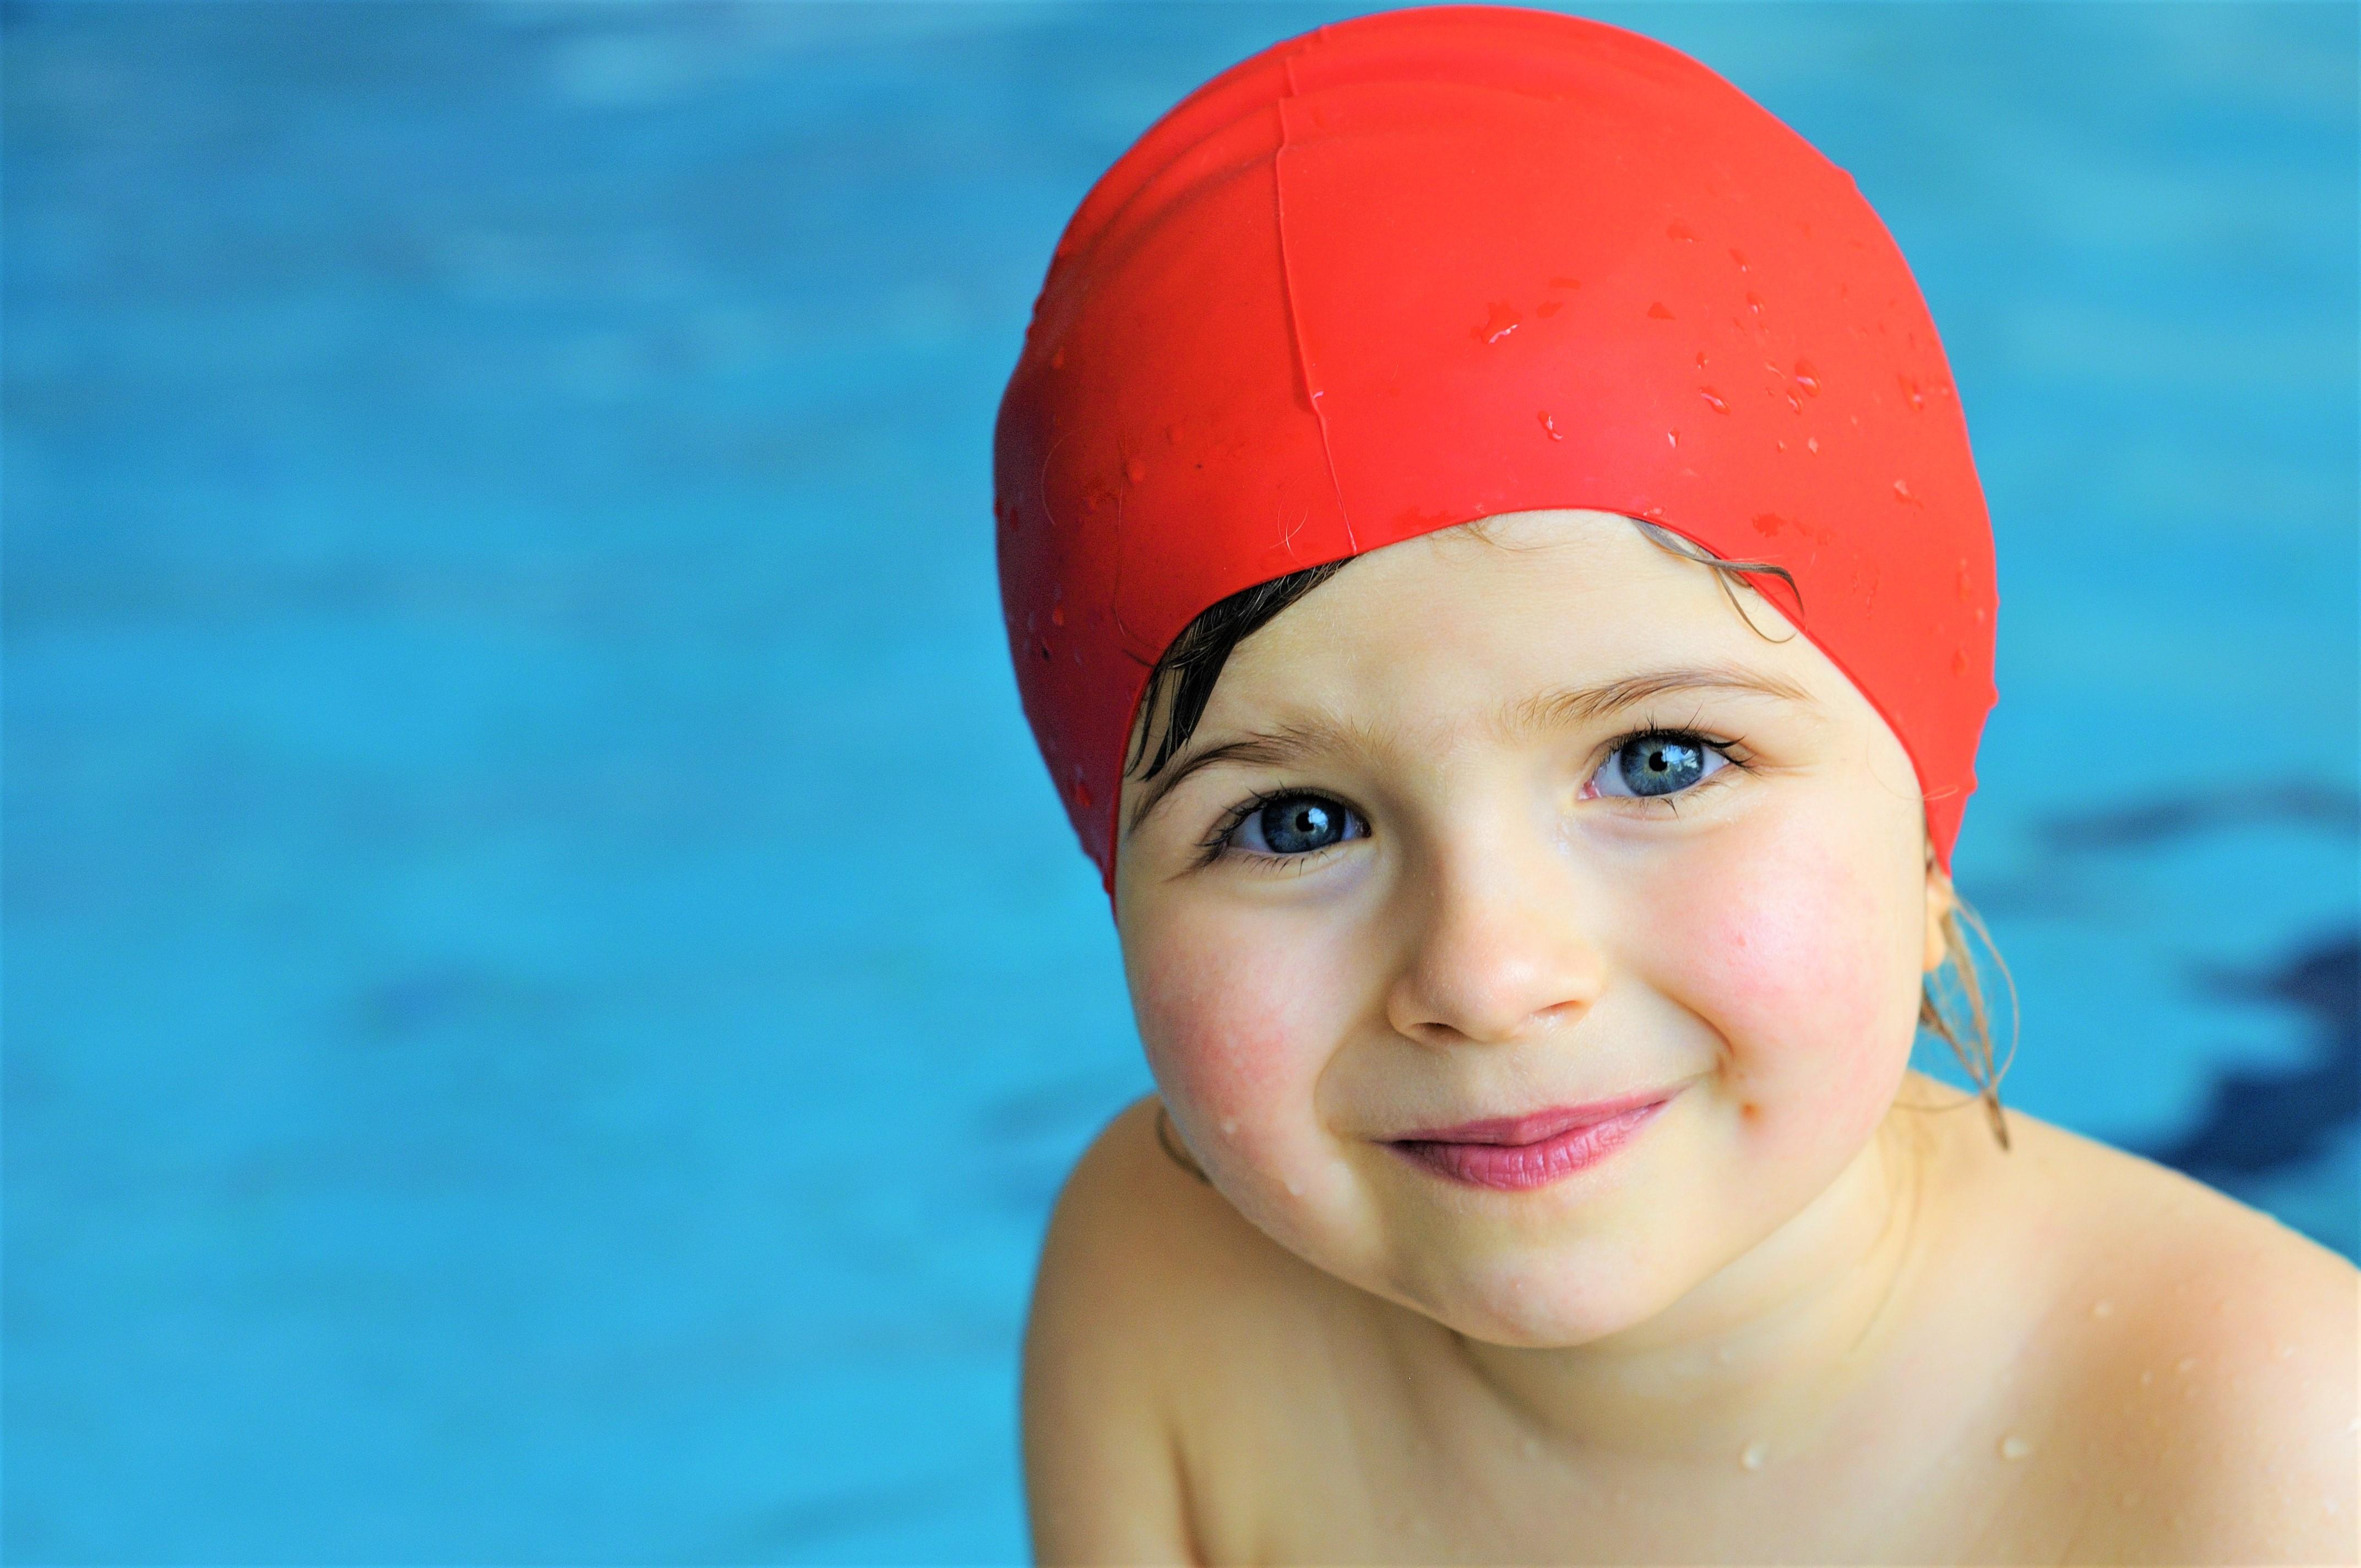 Bigstock Cute toddler red cap (2).jpg